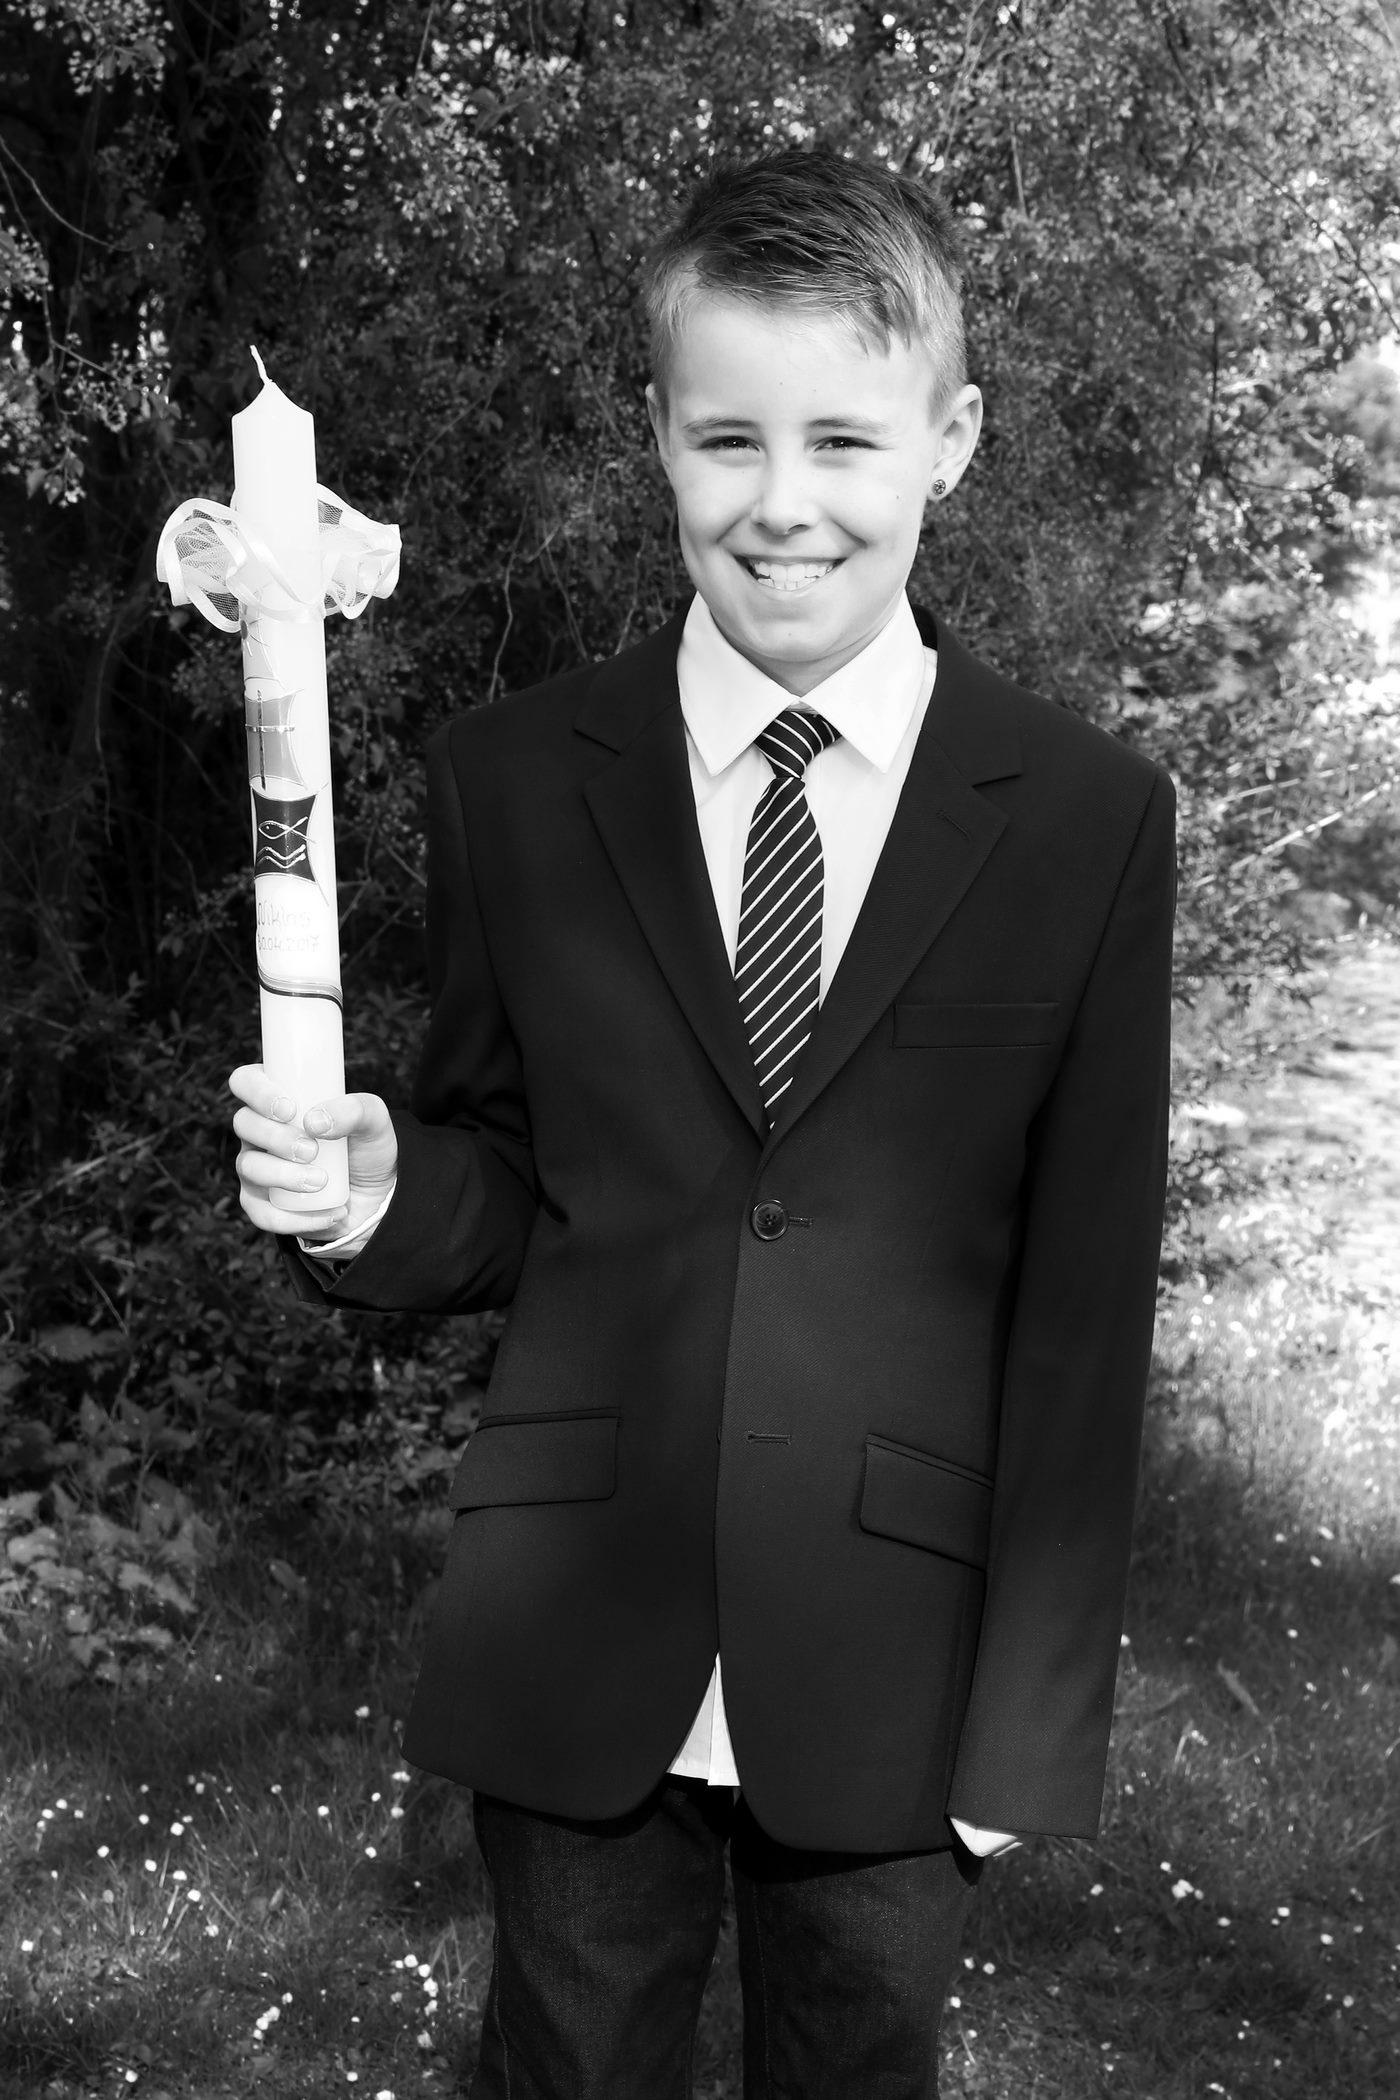 Junge zur heiligen Kommunion fotografiert